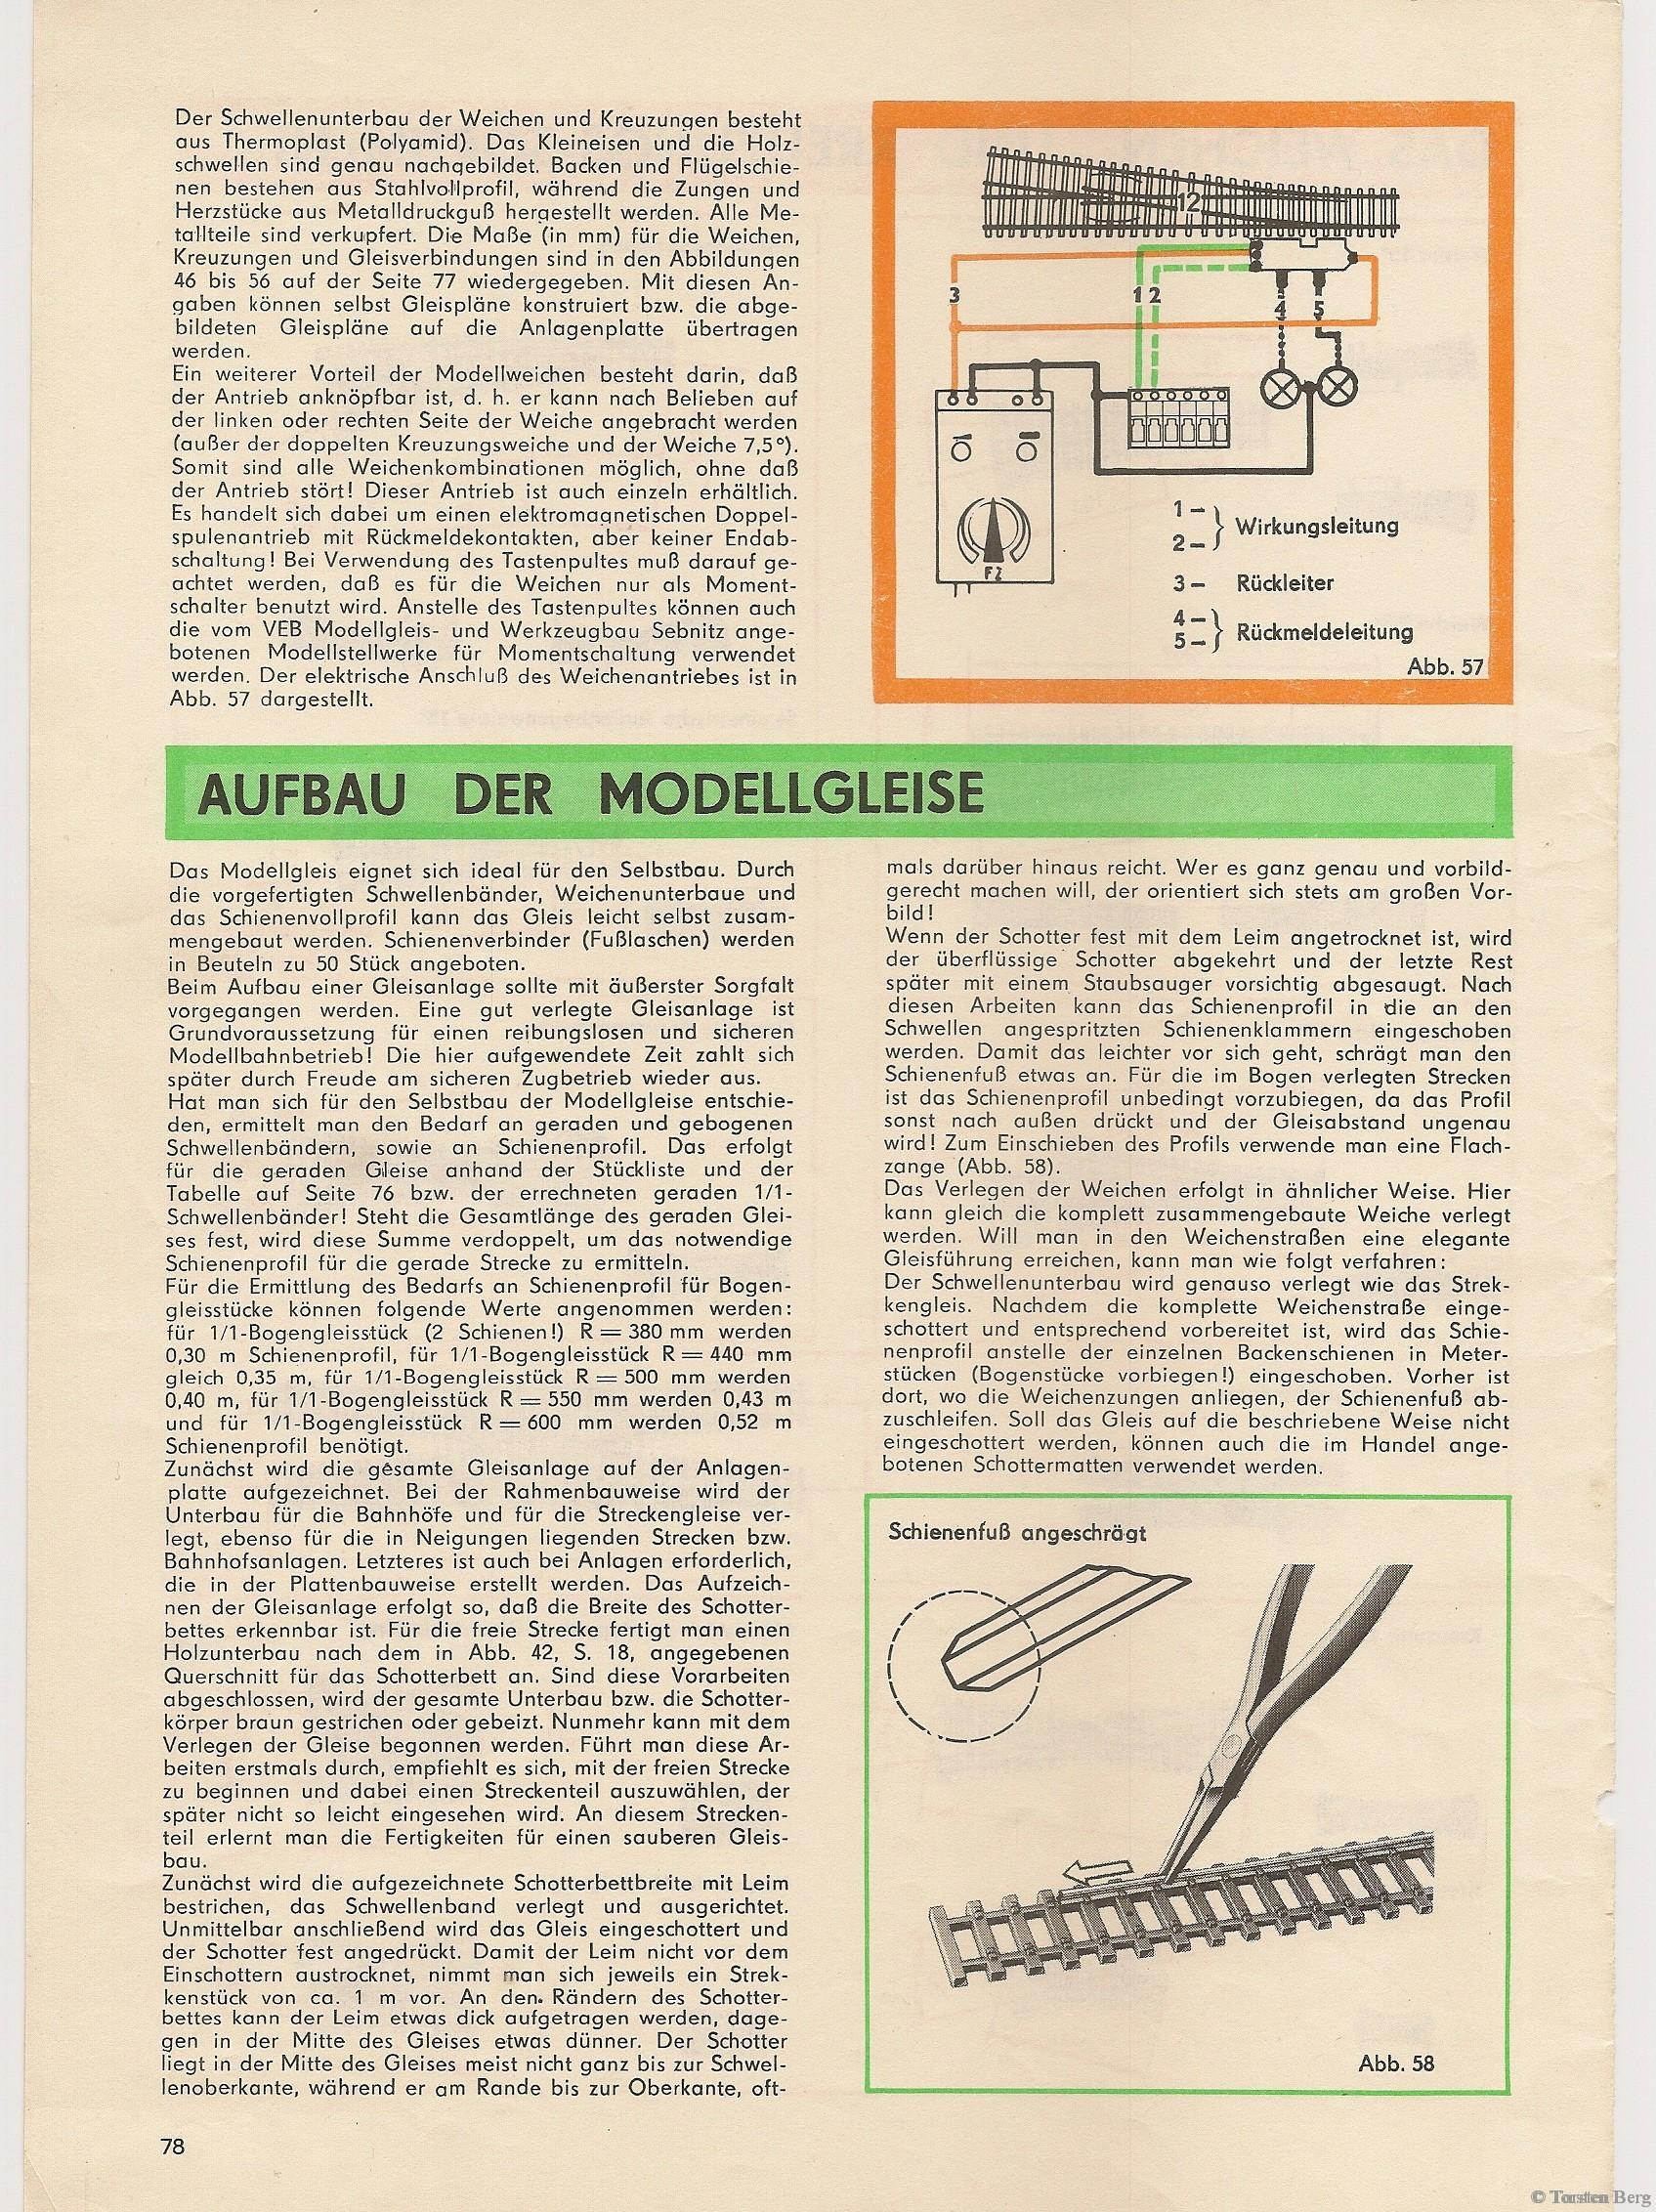 79_Aufbau der Modellgleise